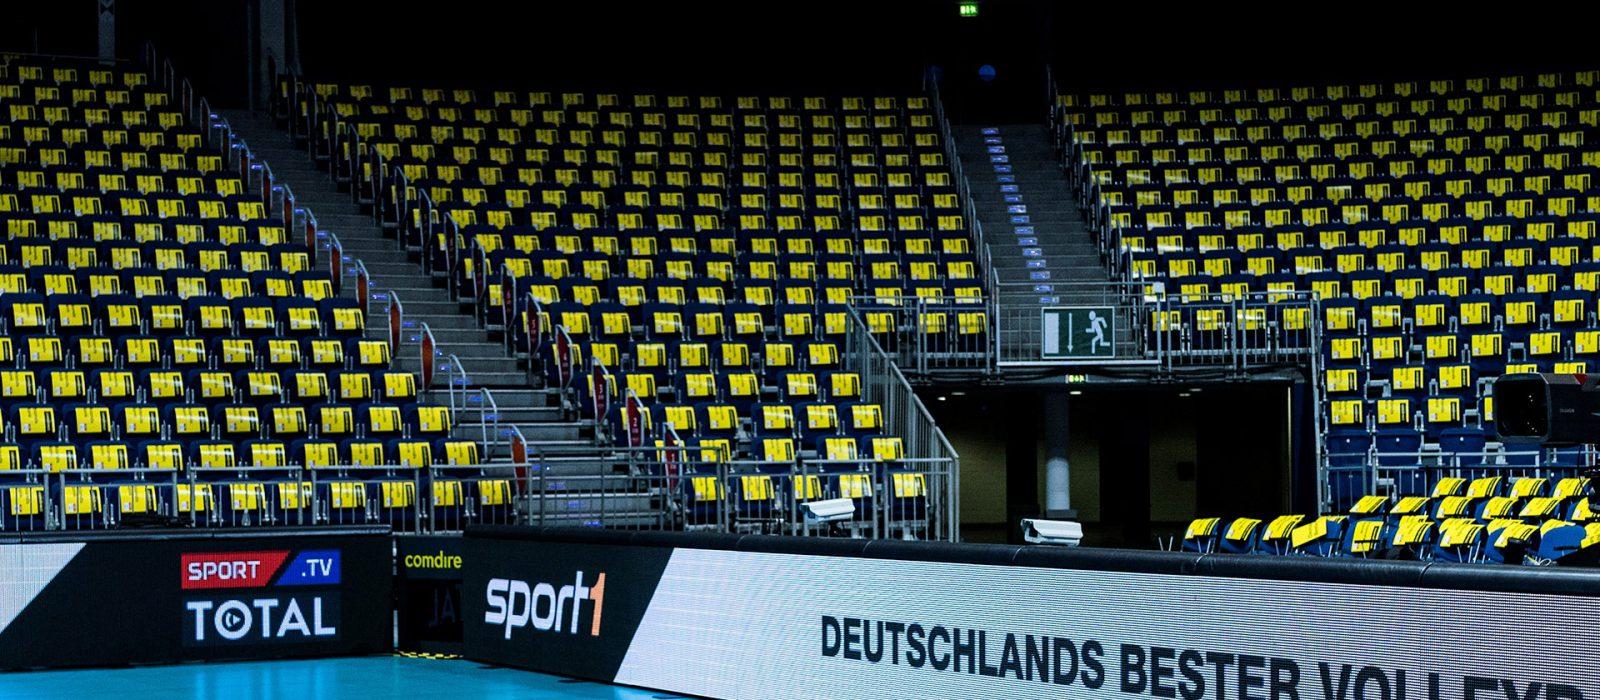 Foto: Leere Ränge in Sporthalle (Fotograf: Sebastian Winter)